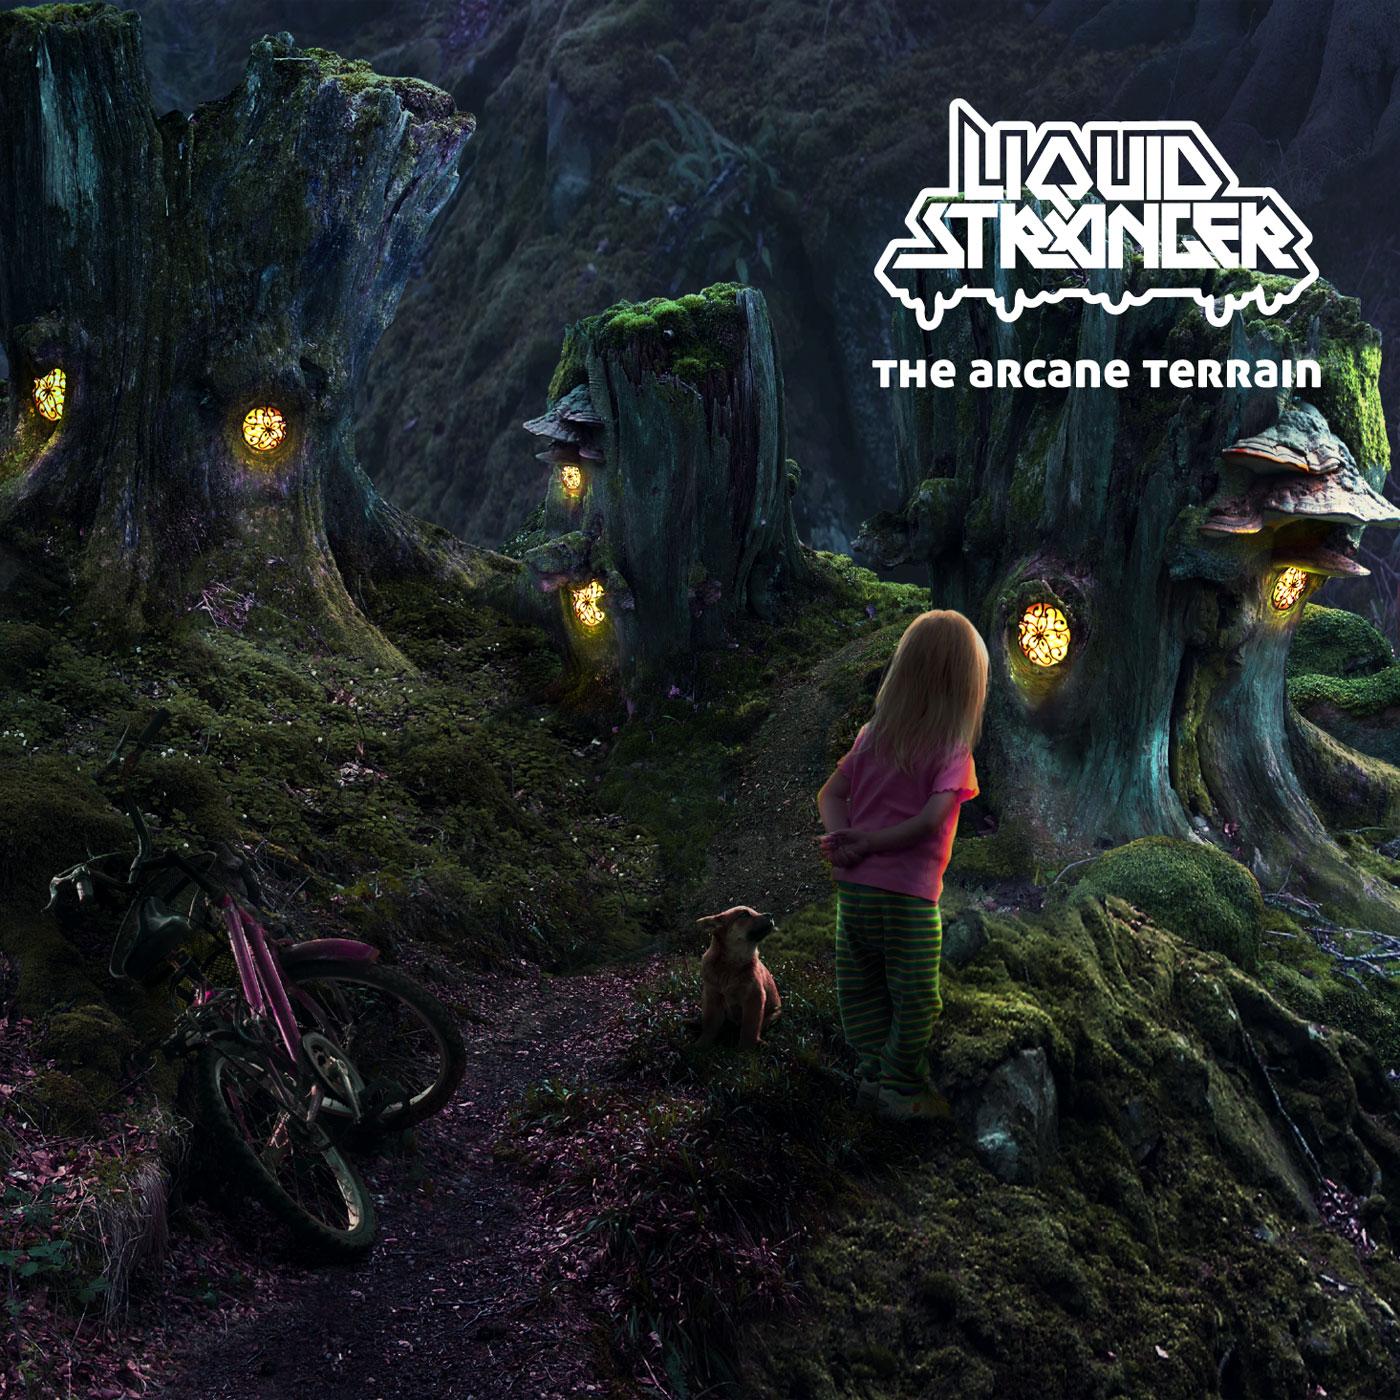 Liquid_Stranger-The_Arcane_Terrain-(ICHILLCD042)-WEB-2011.jpg